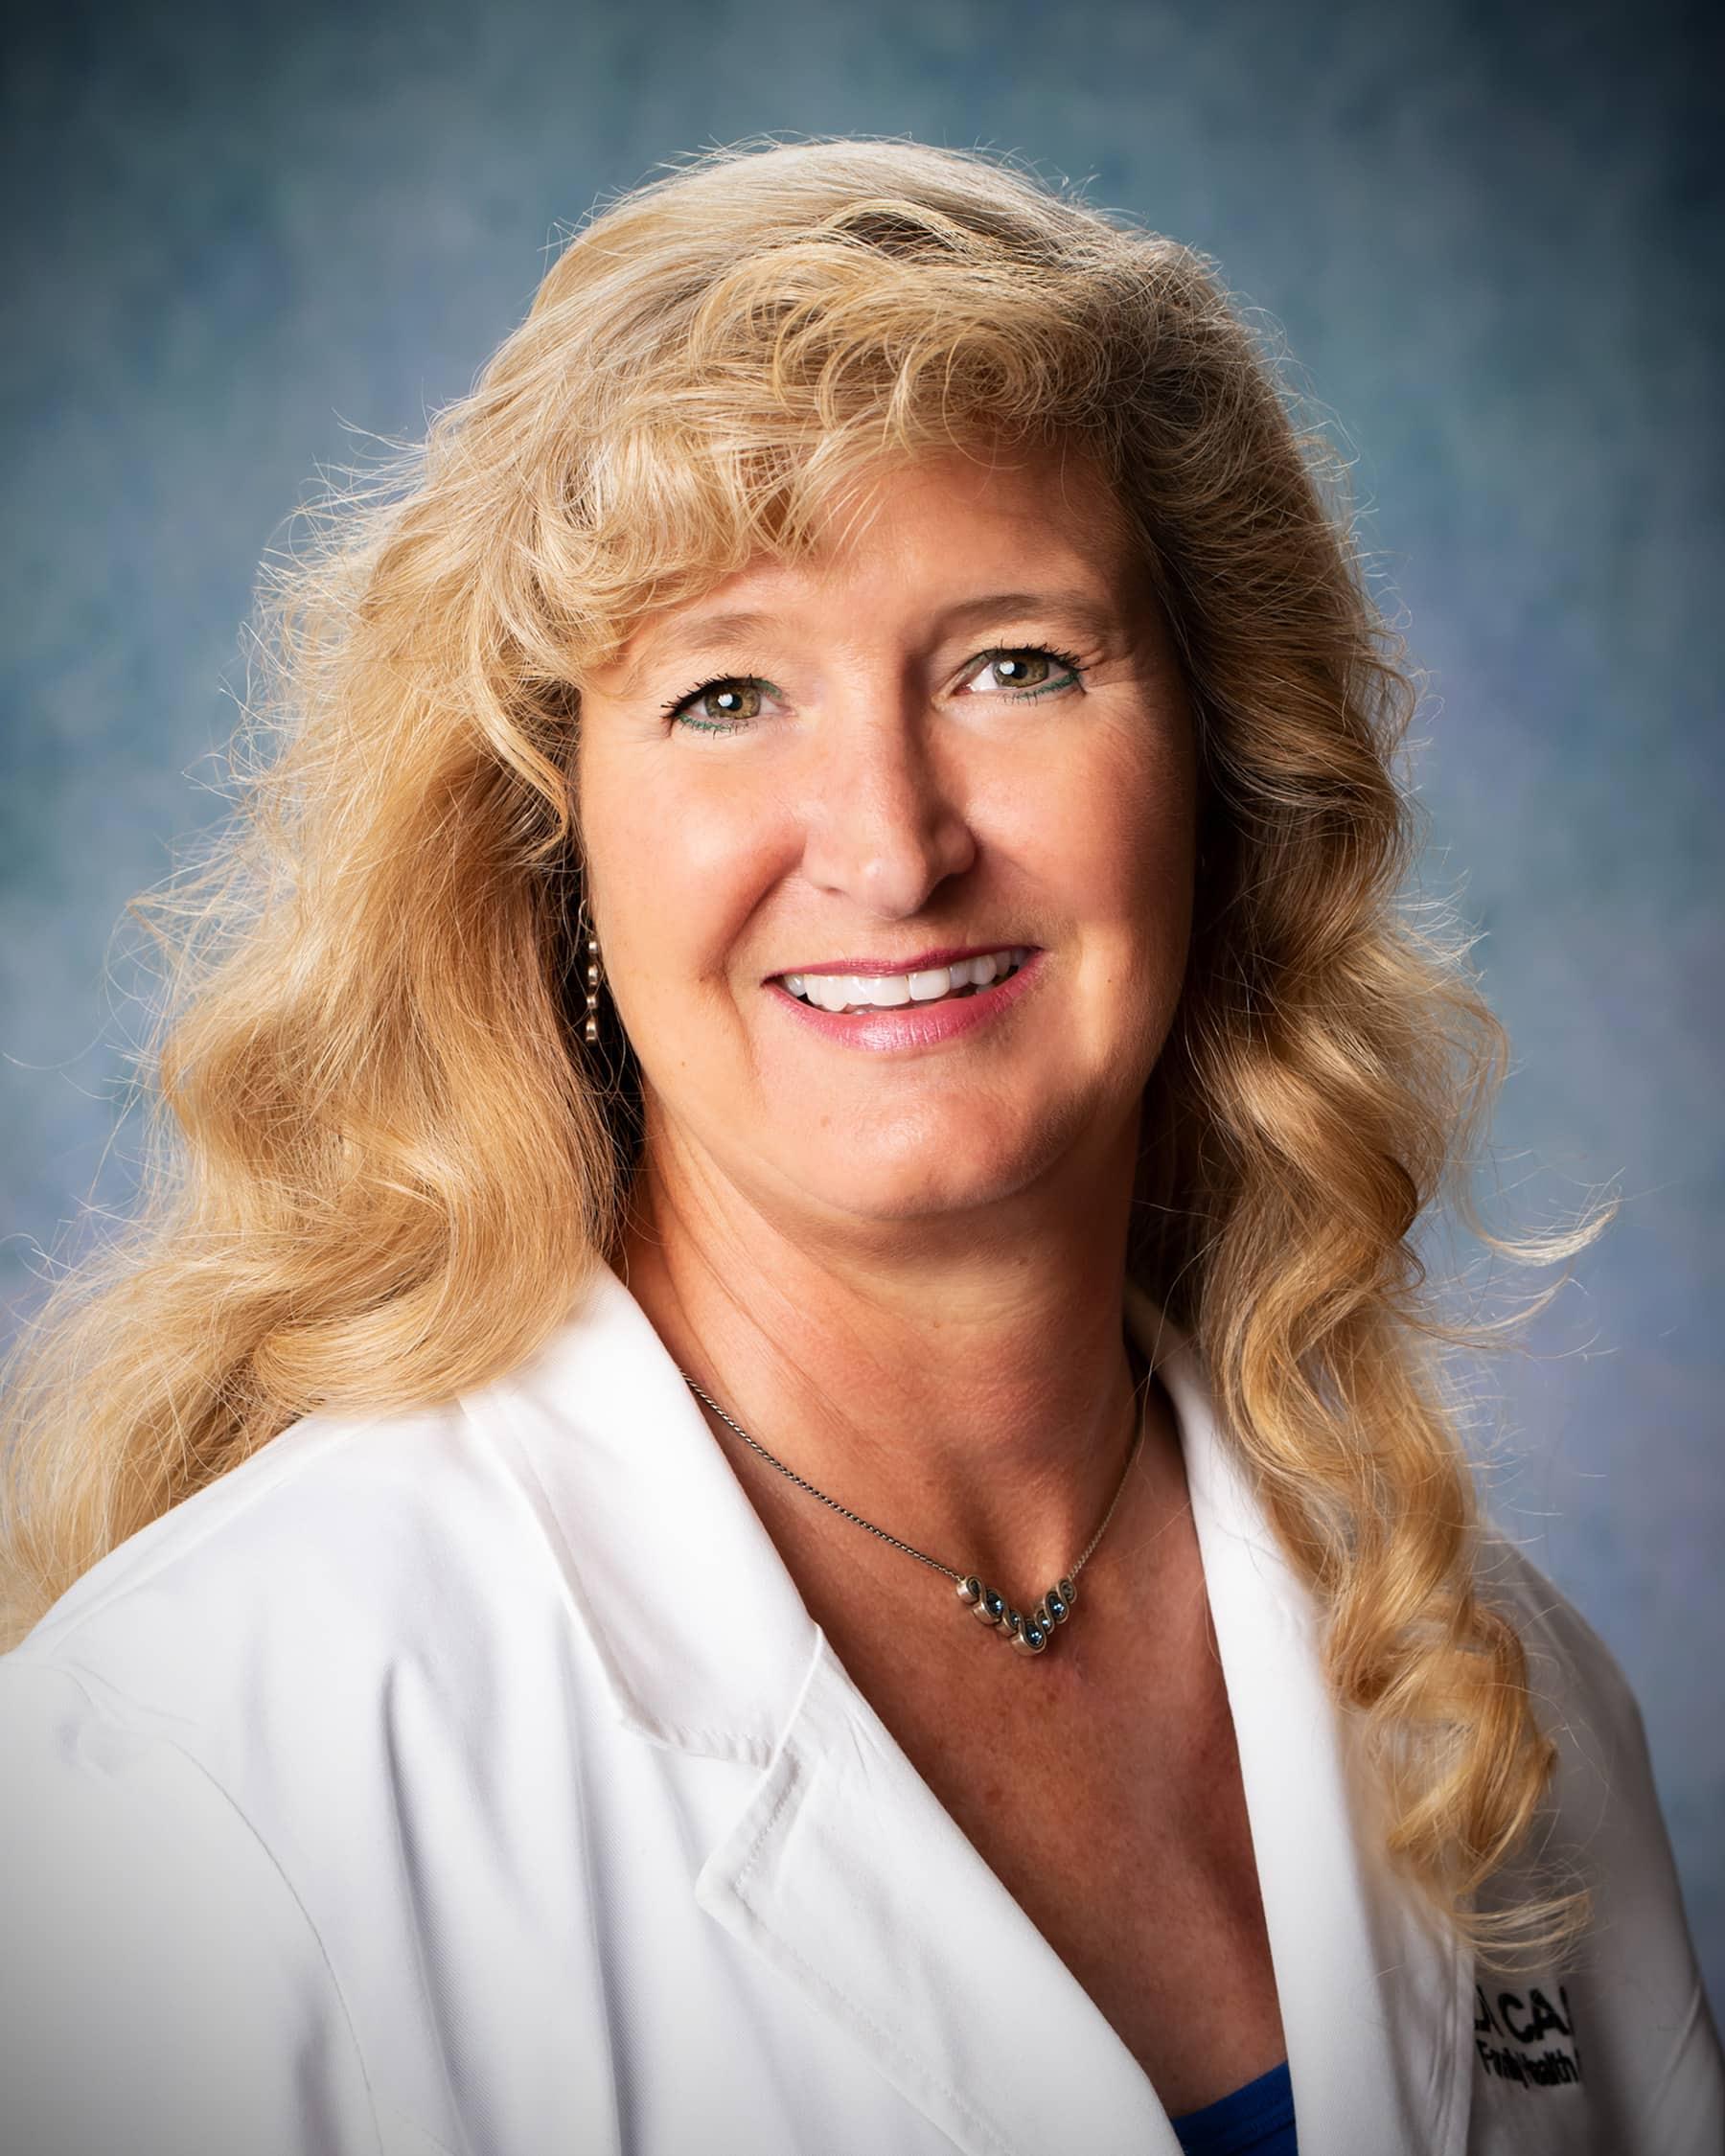 Tina Southward, PA-C